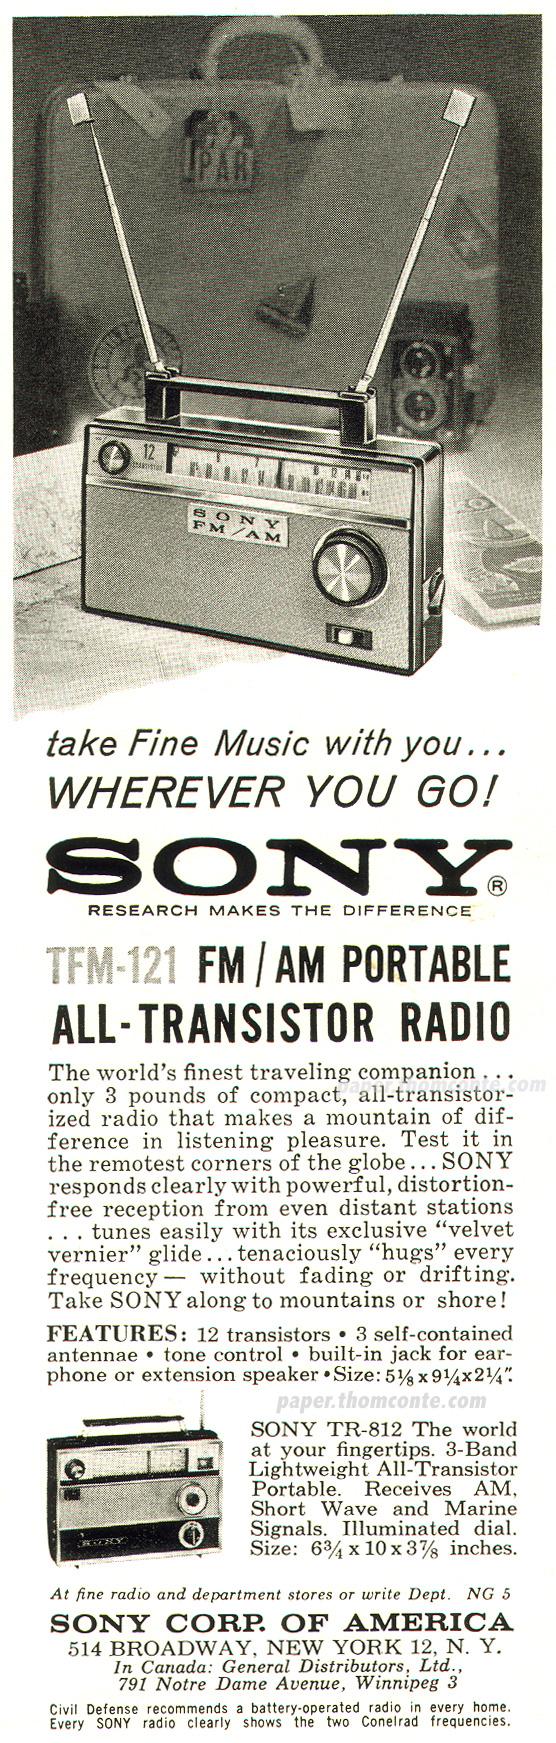 Sony TFM-121 FM/AM Radio